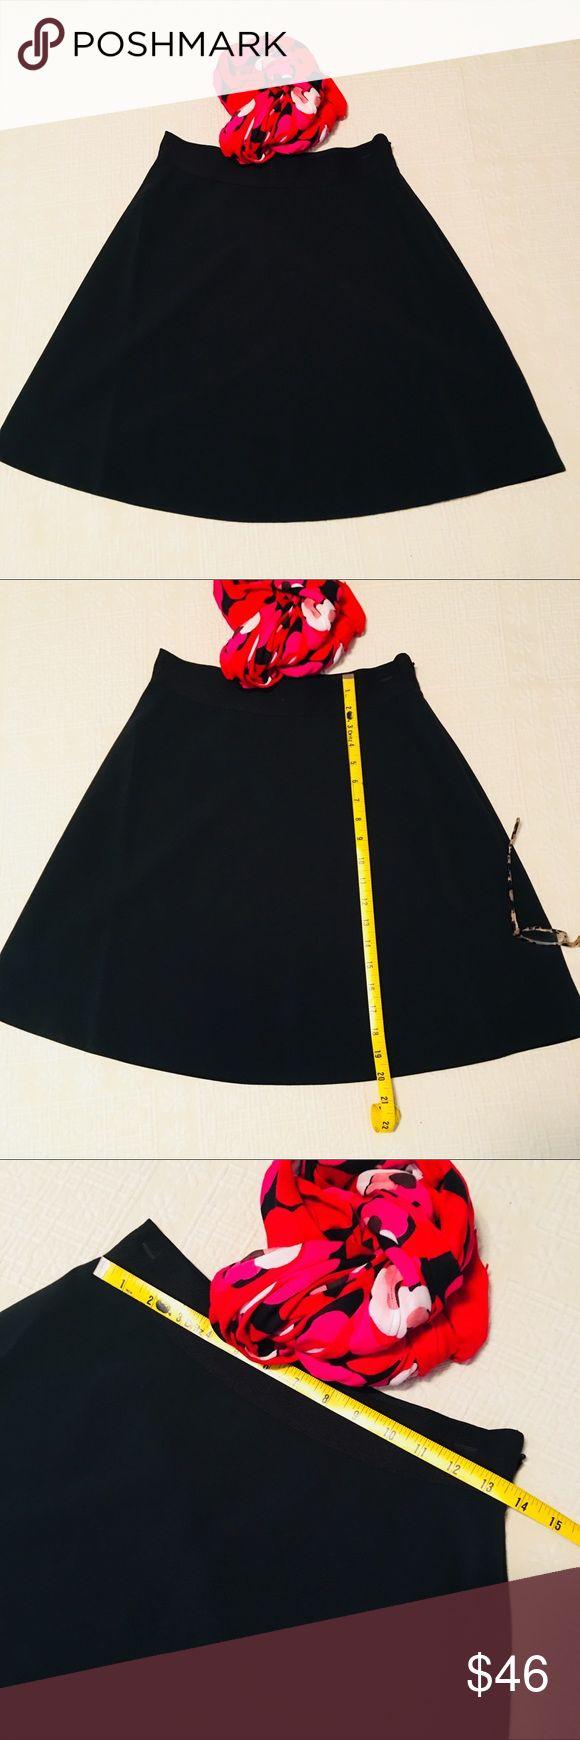 NWOT ksny little black skirt Skirt the rules! Lovely little black skirt from kate spade ♠️❤️ elastic waist band, nice drape, side zip. NWOT size 6 kate spade Skirts